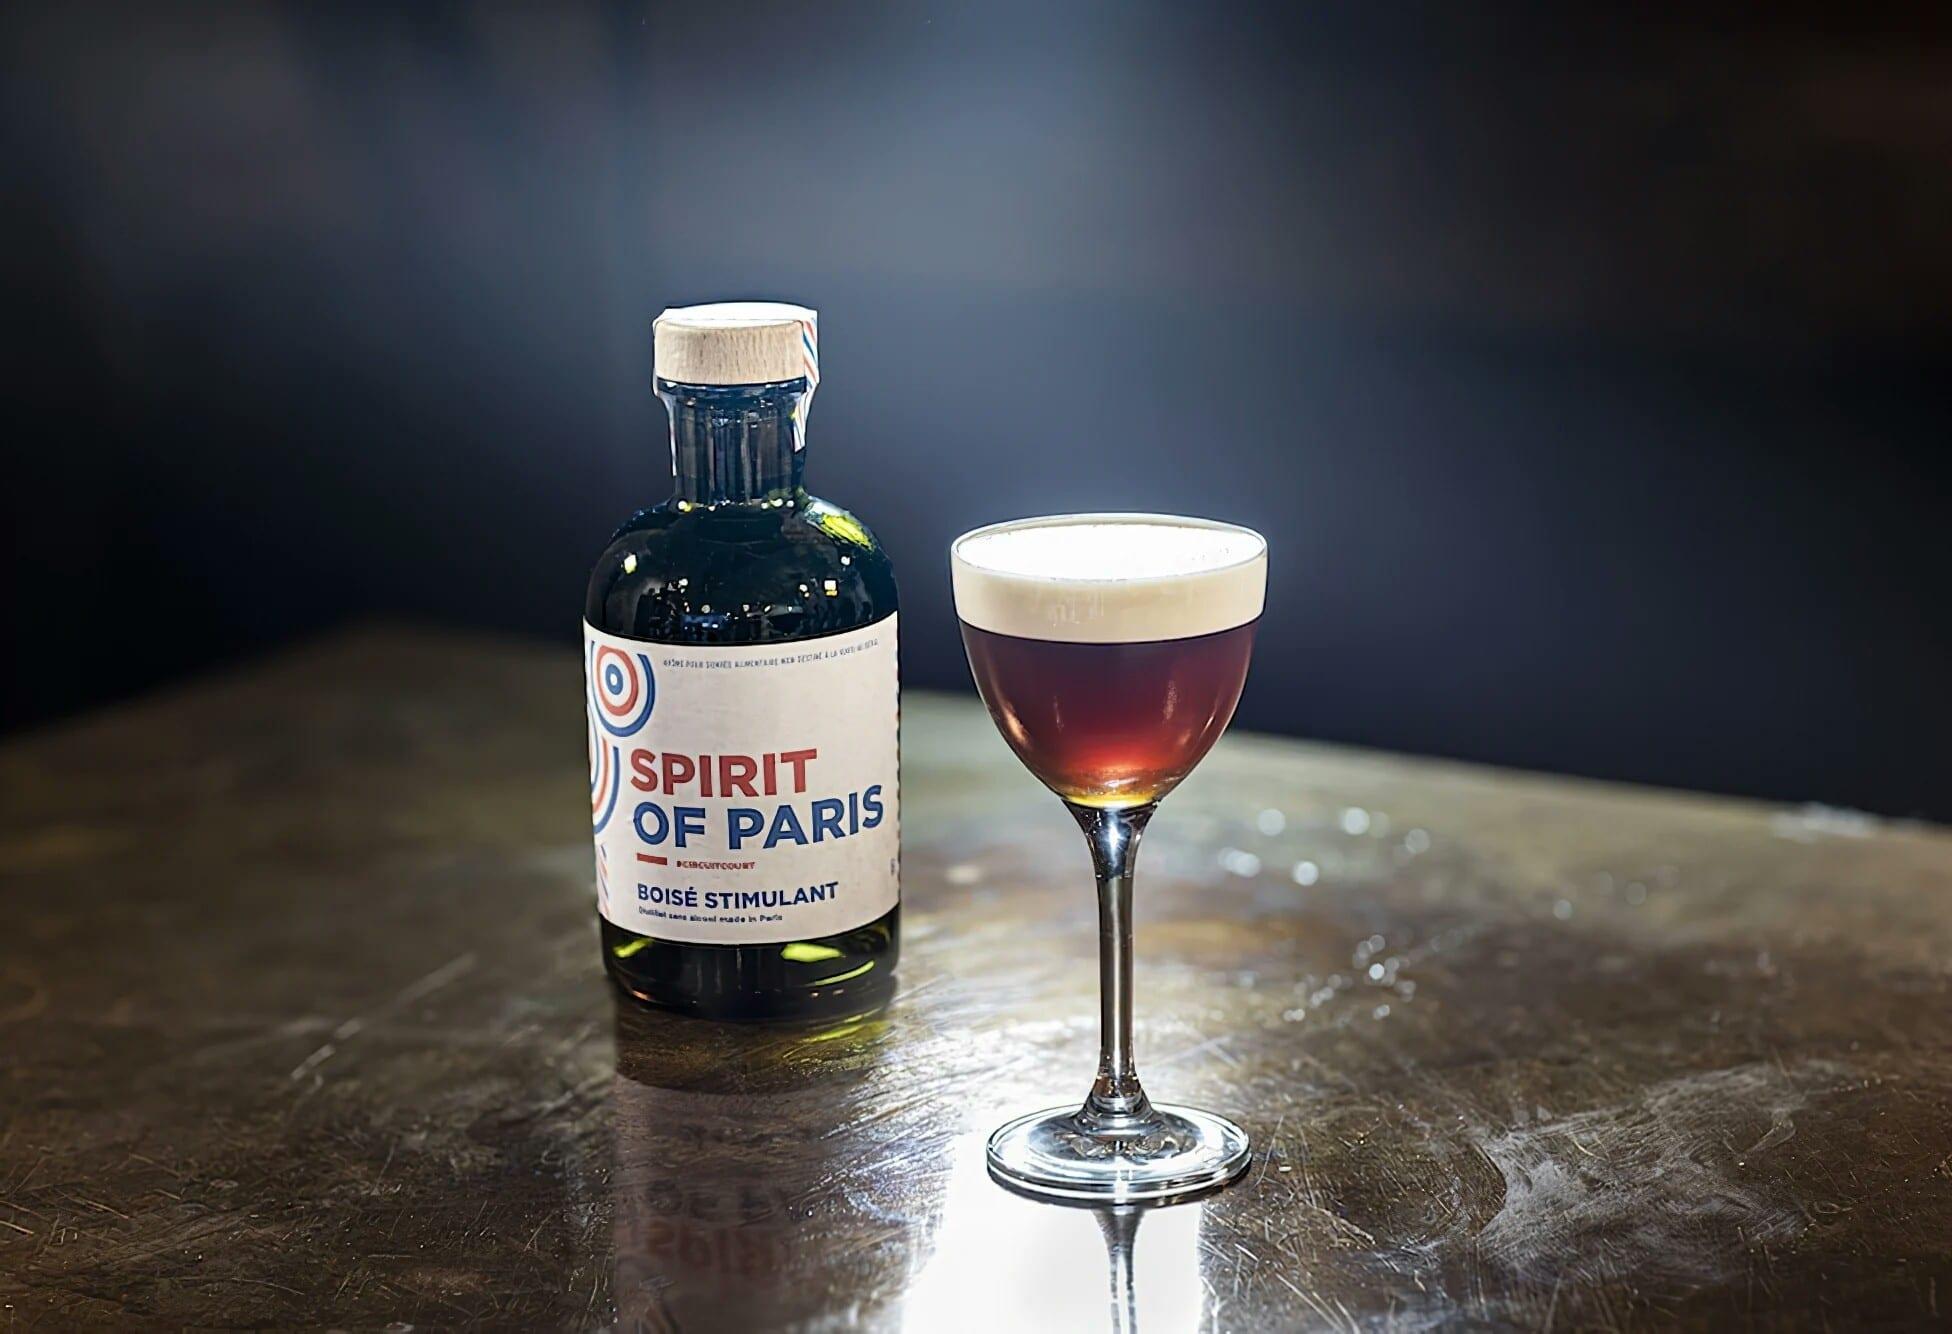 France : cette boisson sans alcool saoule gravement